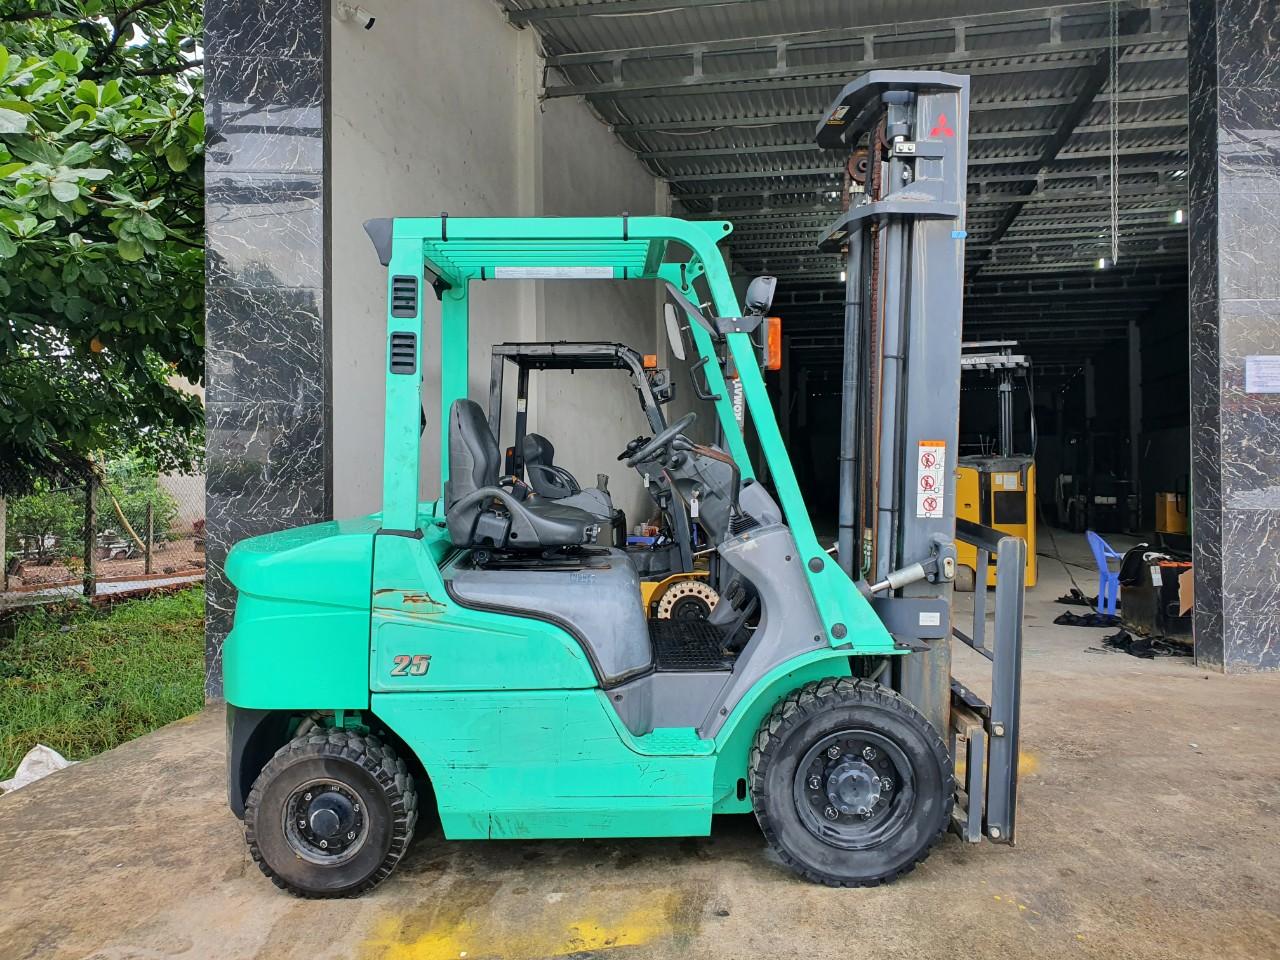 BÁN Xe nâng Mitsubishi-2016-sức nâng 2.5 tấn-chưa chạy ở Việt Nam